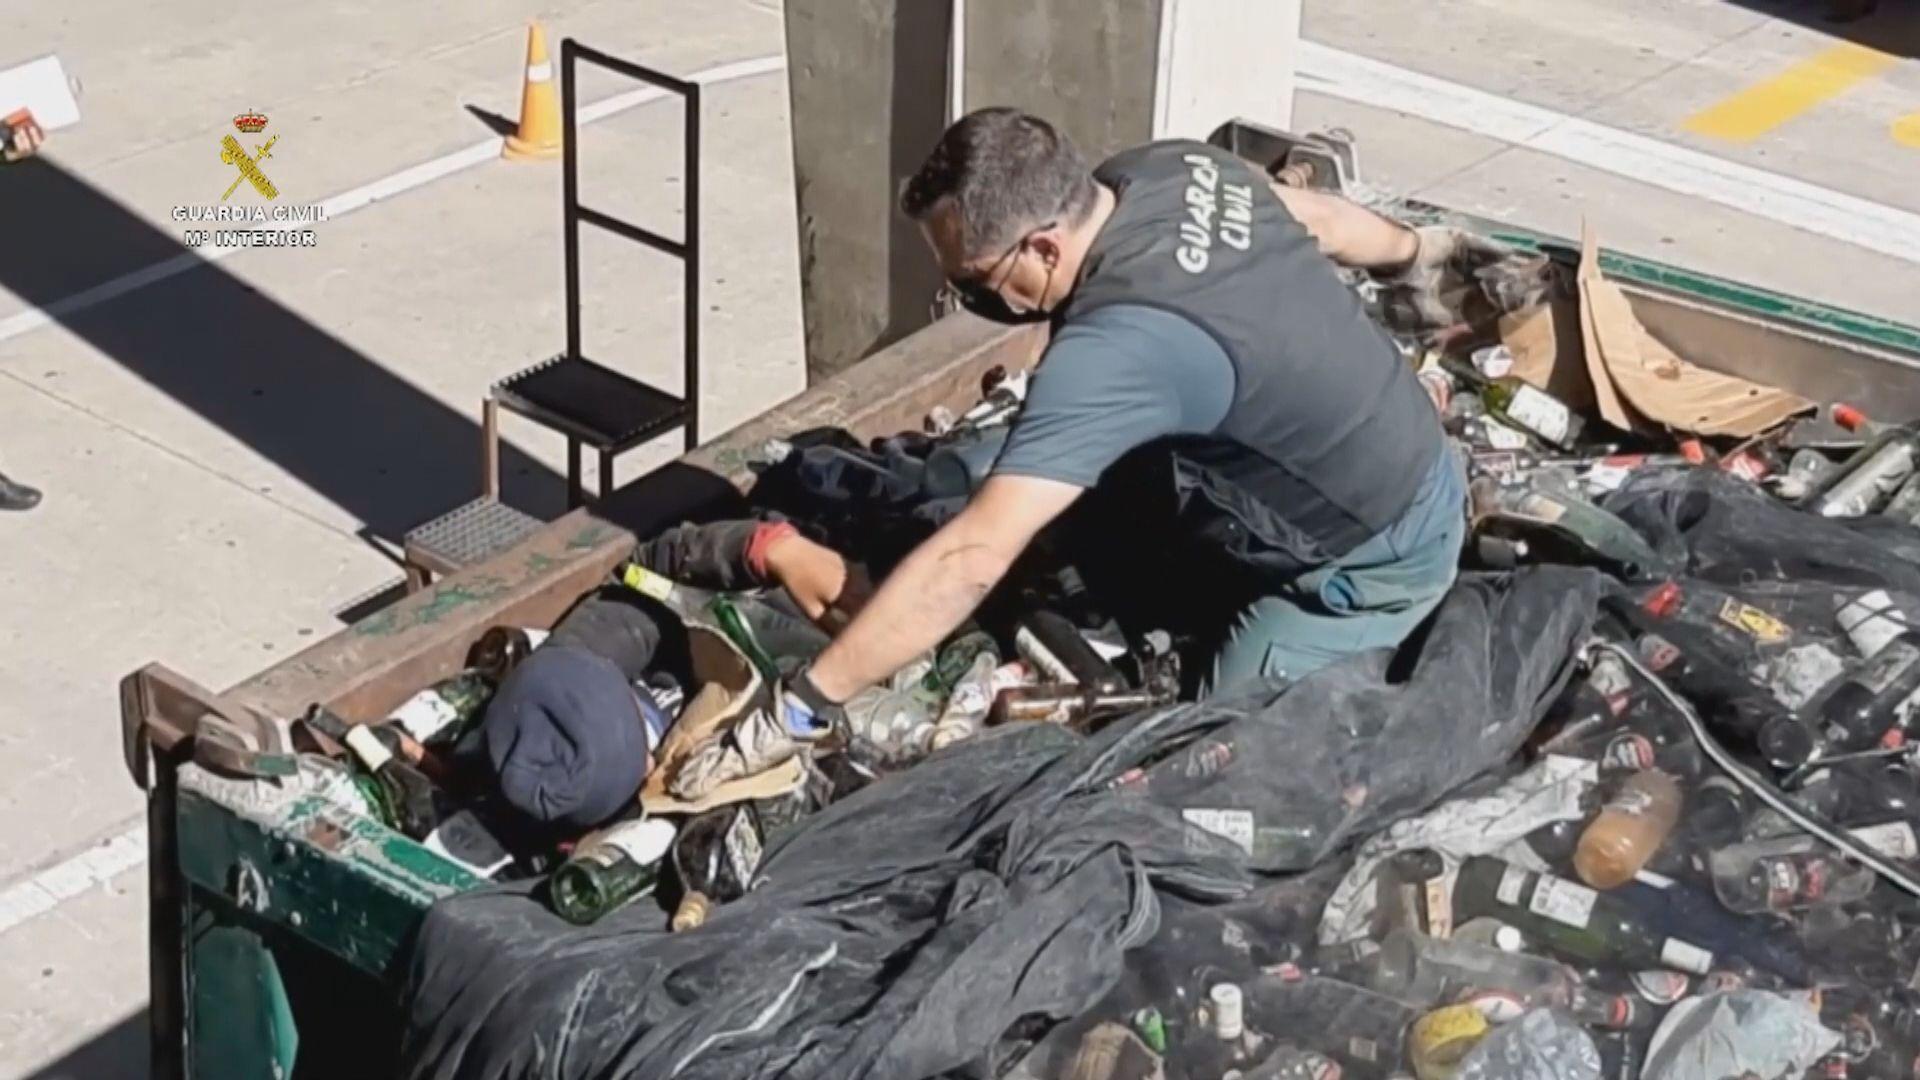 【環球薈報】偷渡客為前往歐洲藏身危險廢品貨櫃